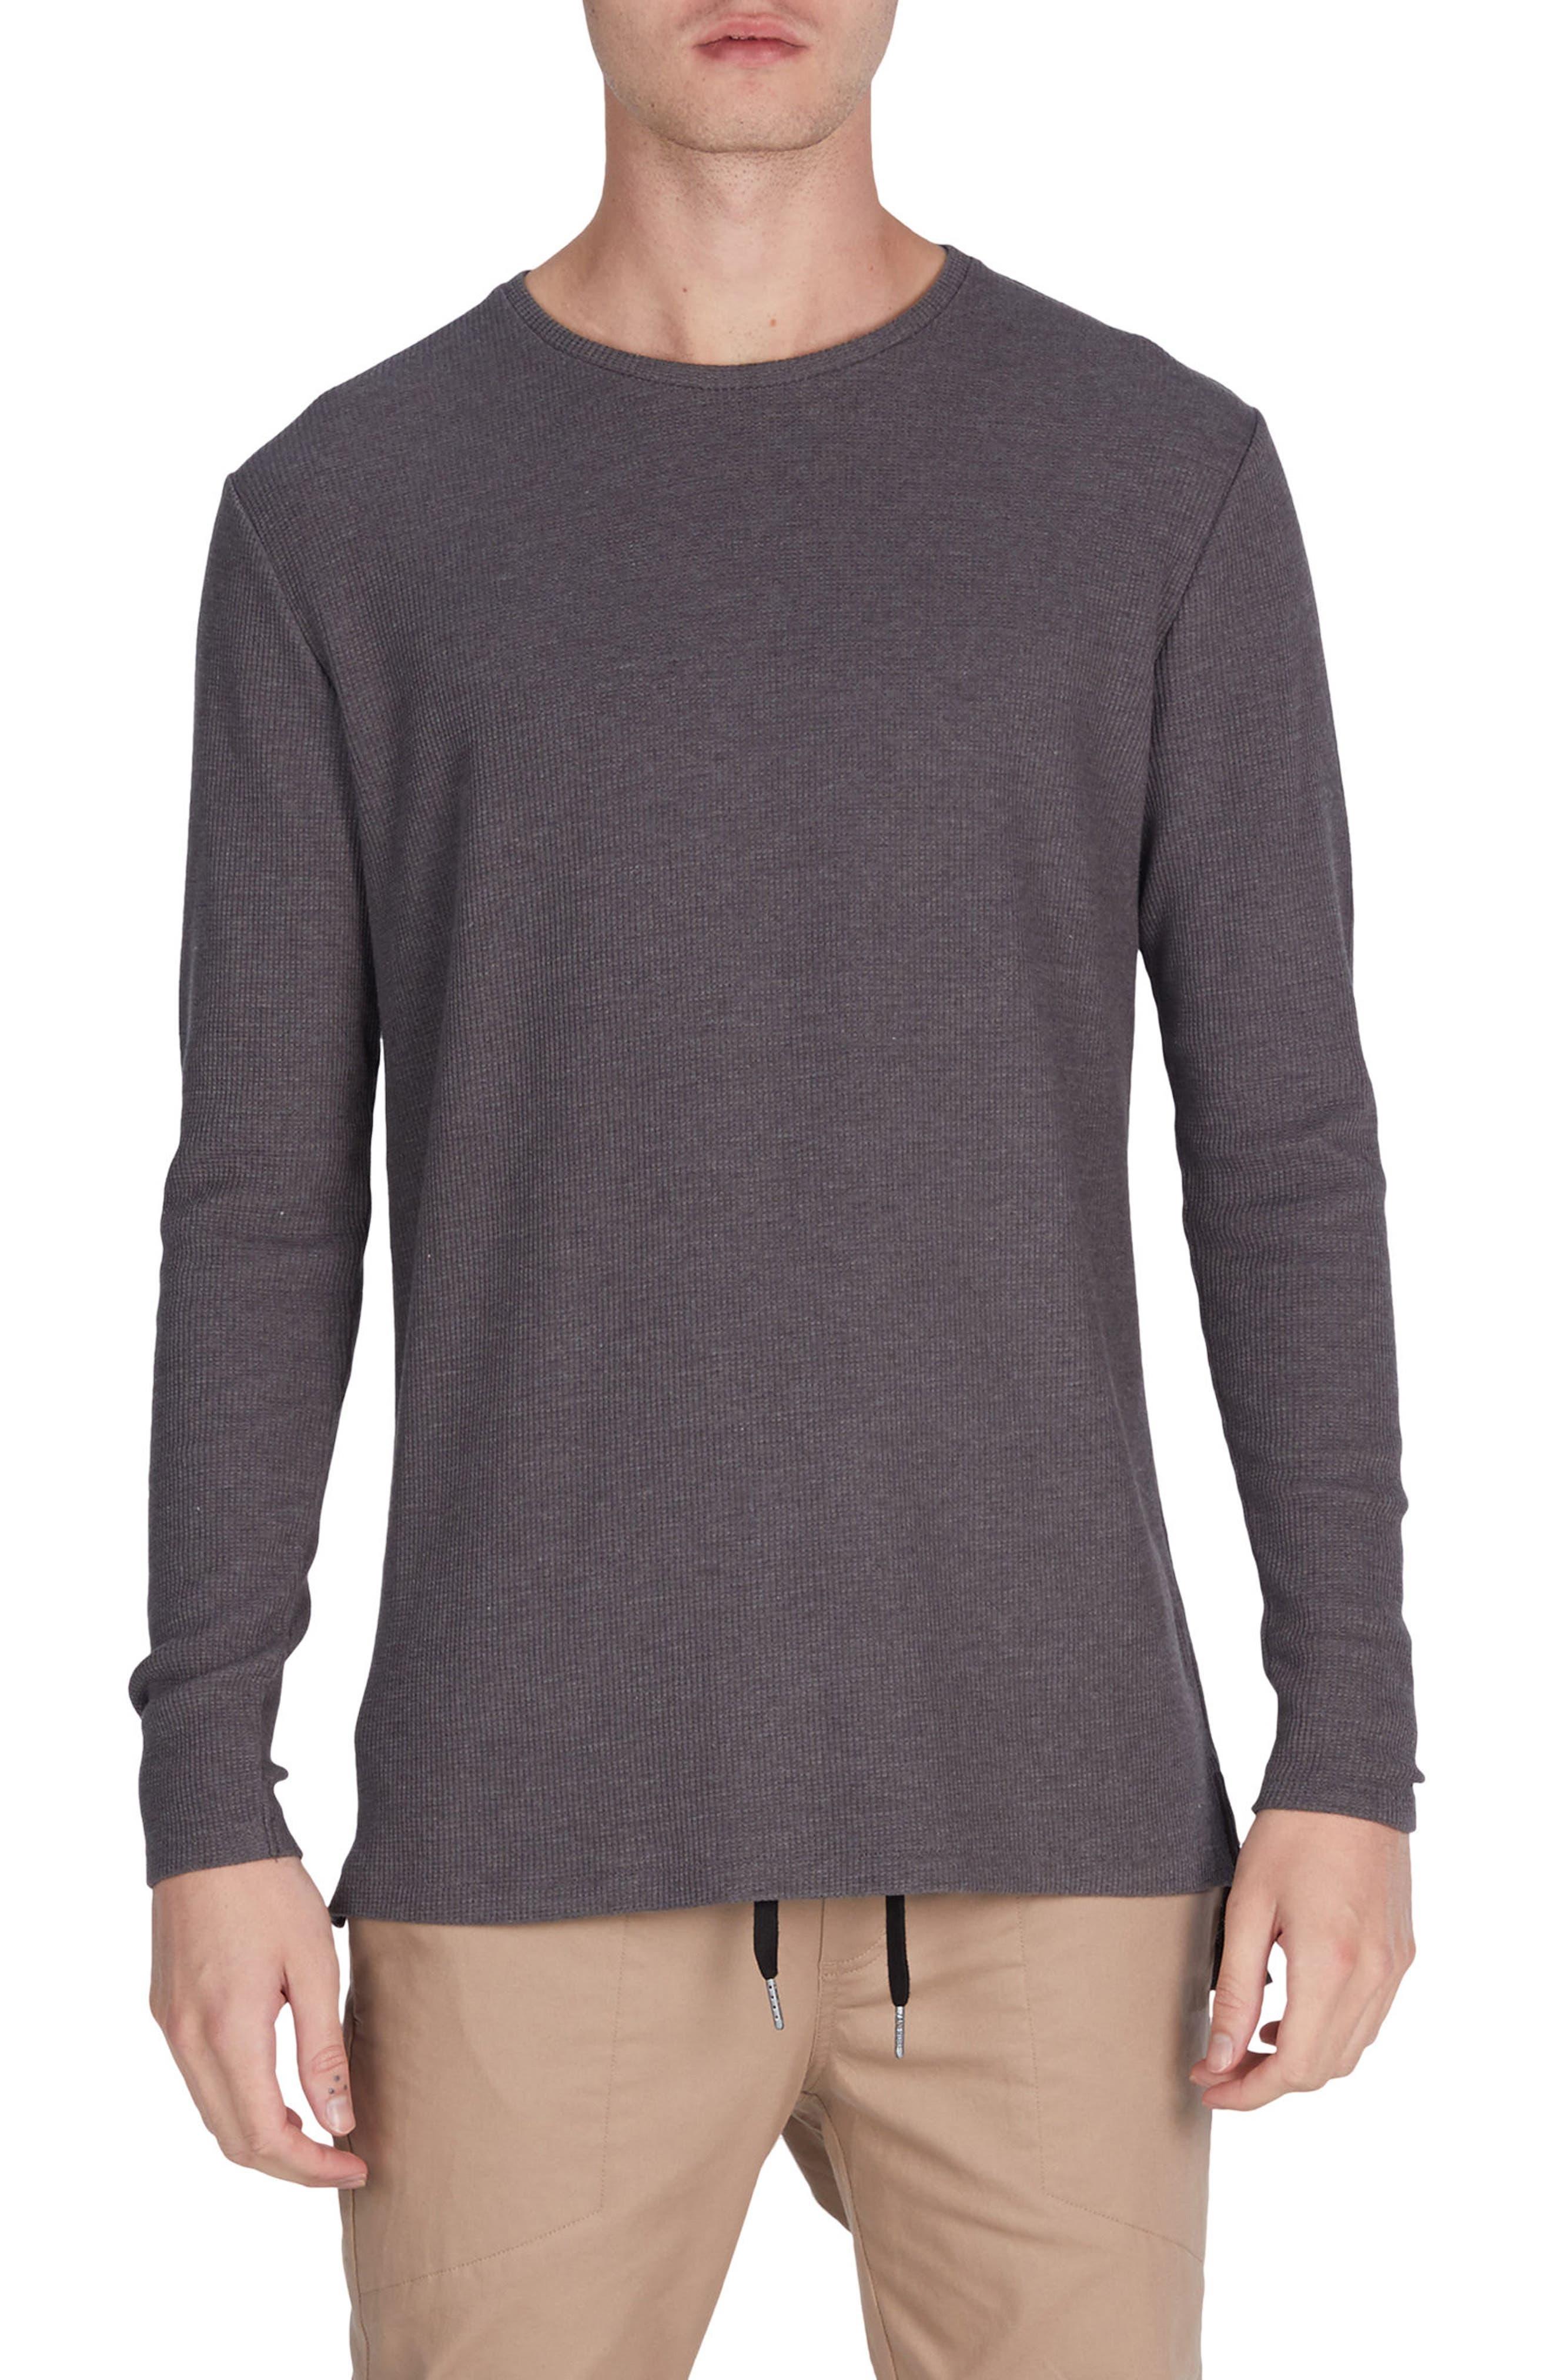 Flintlock Thermal T-Shirt,                             Main thumbnail 1, color,                             021